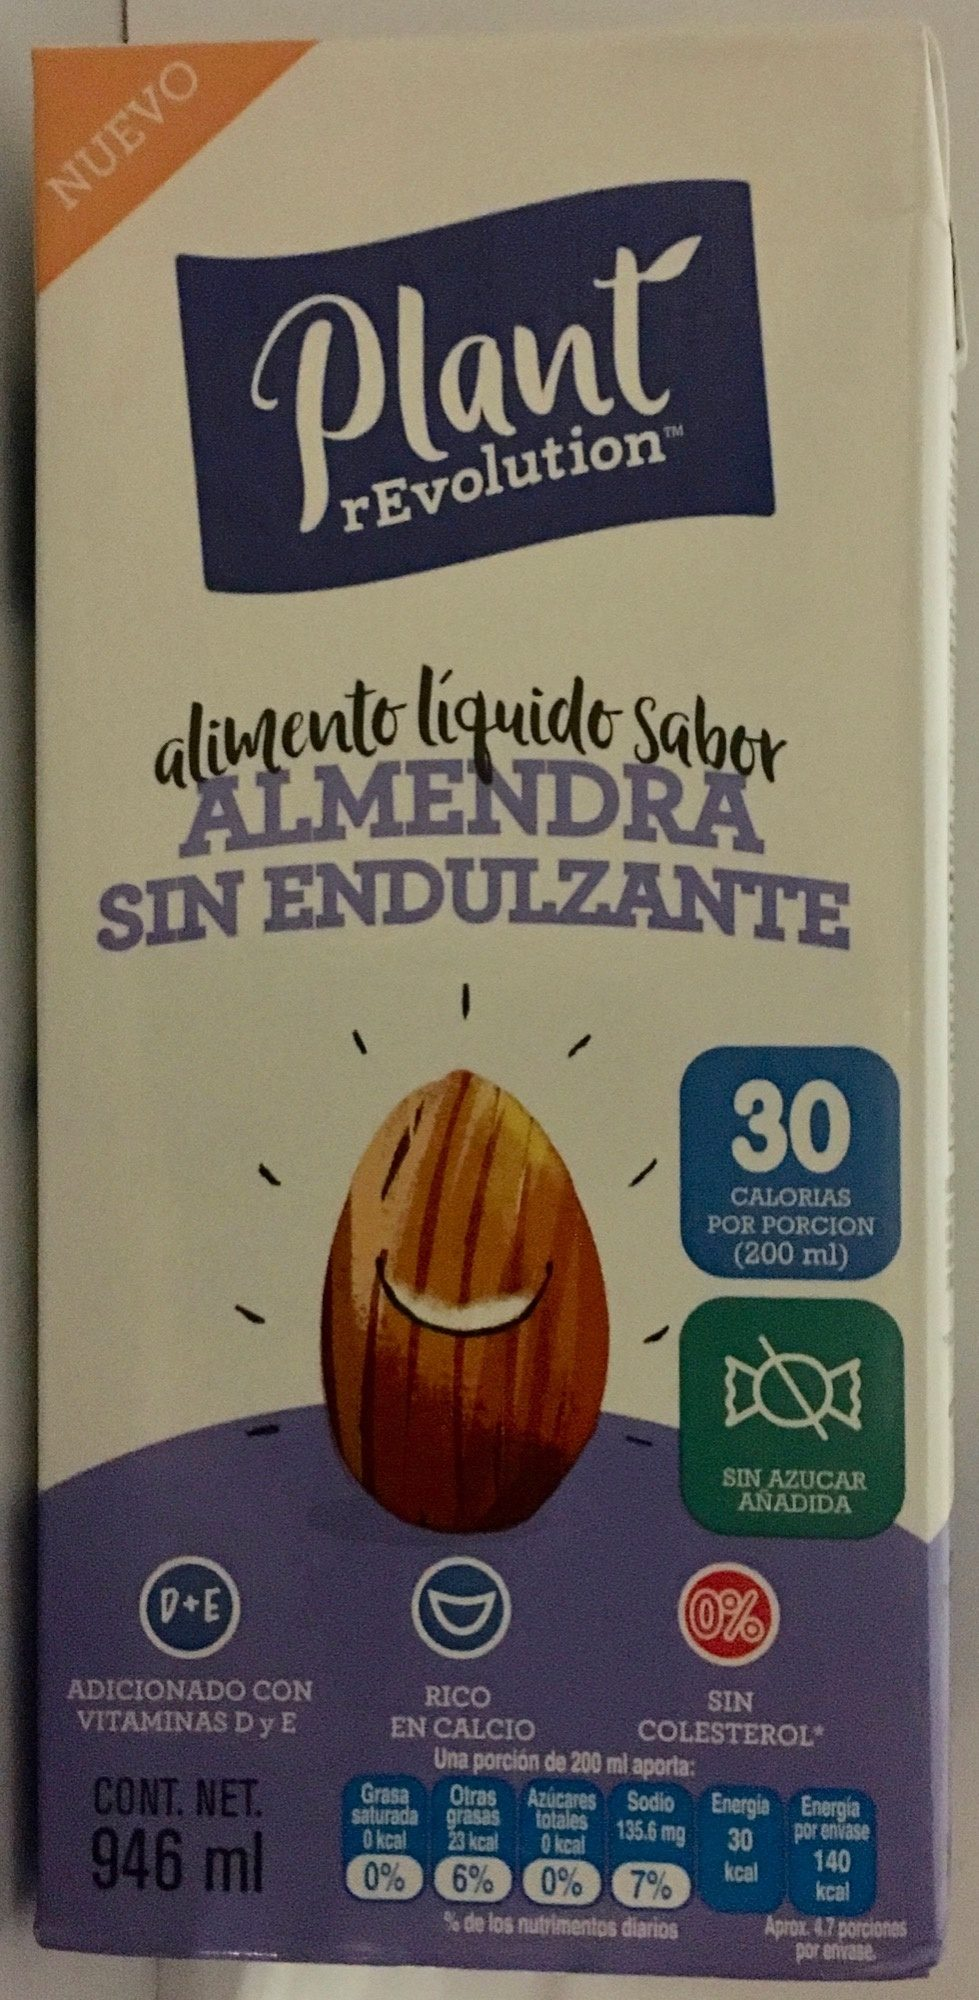 Alimento líquido sabor almendra sin endulzante - Product